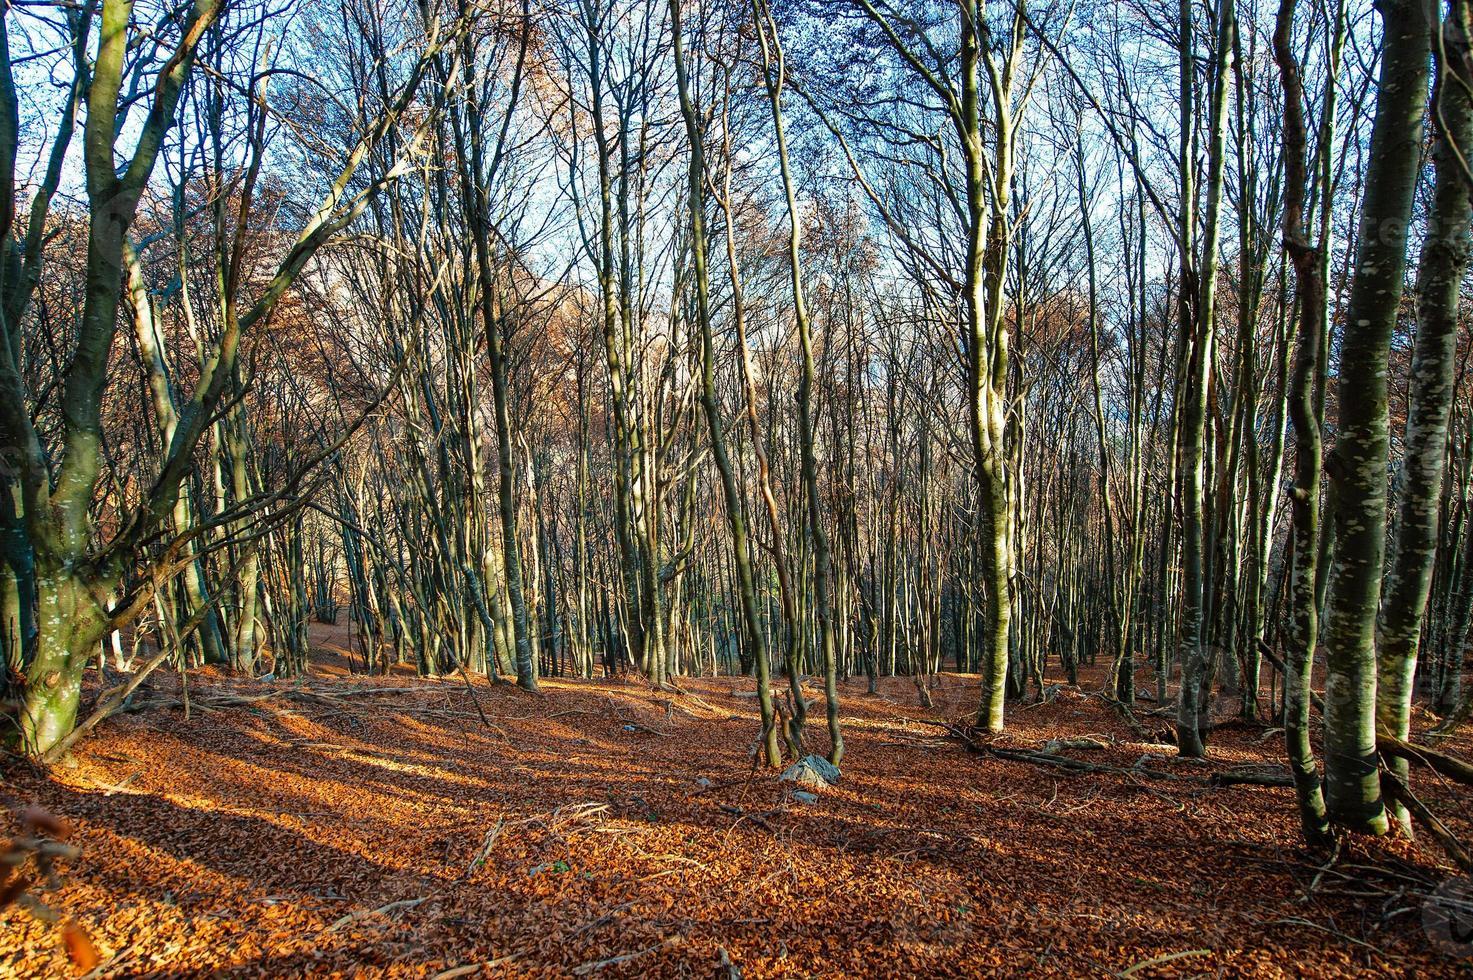 Beech forest on swiss alp photo